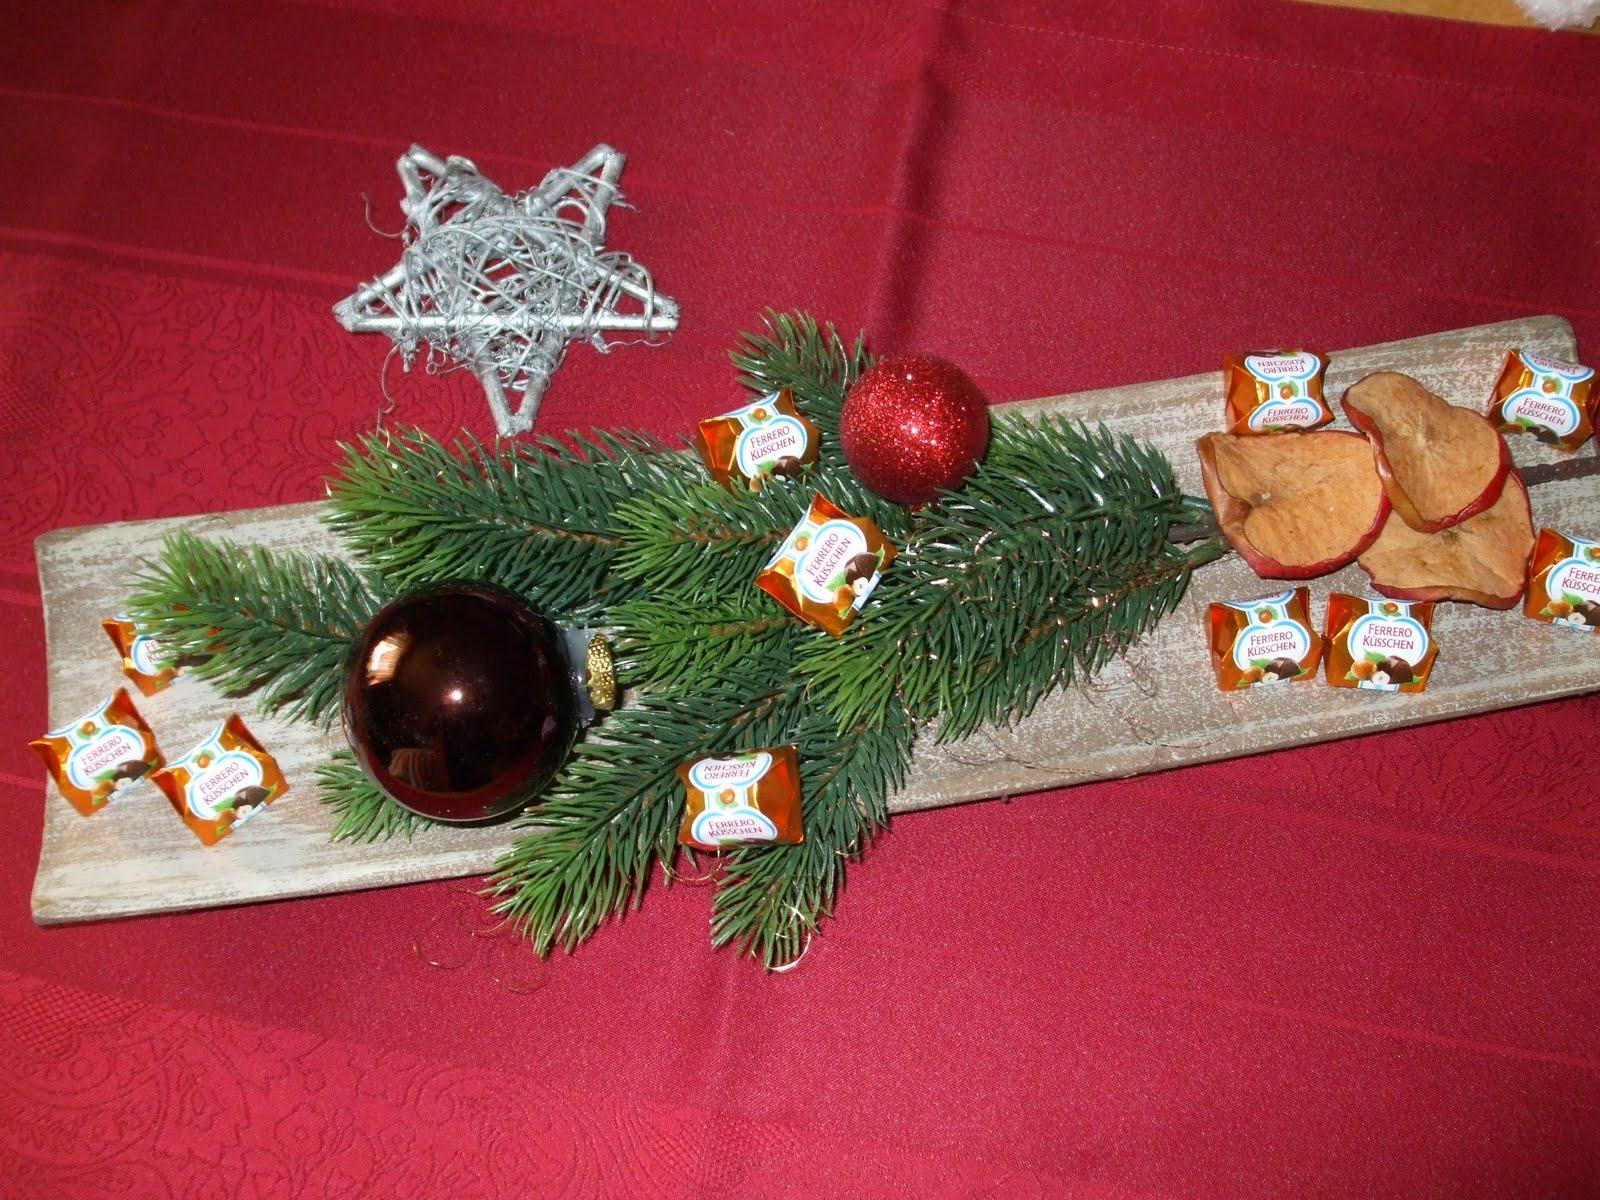 Weihnachtsdeko Ferrero.Biggi S Erster Test Blog Die Schönste Weihnachtsdeko Mit Den